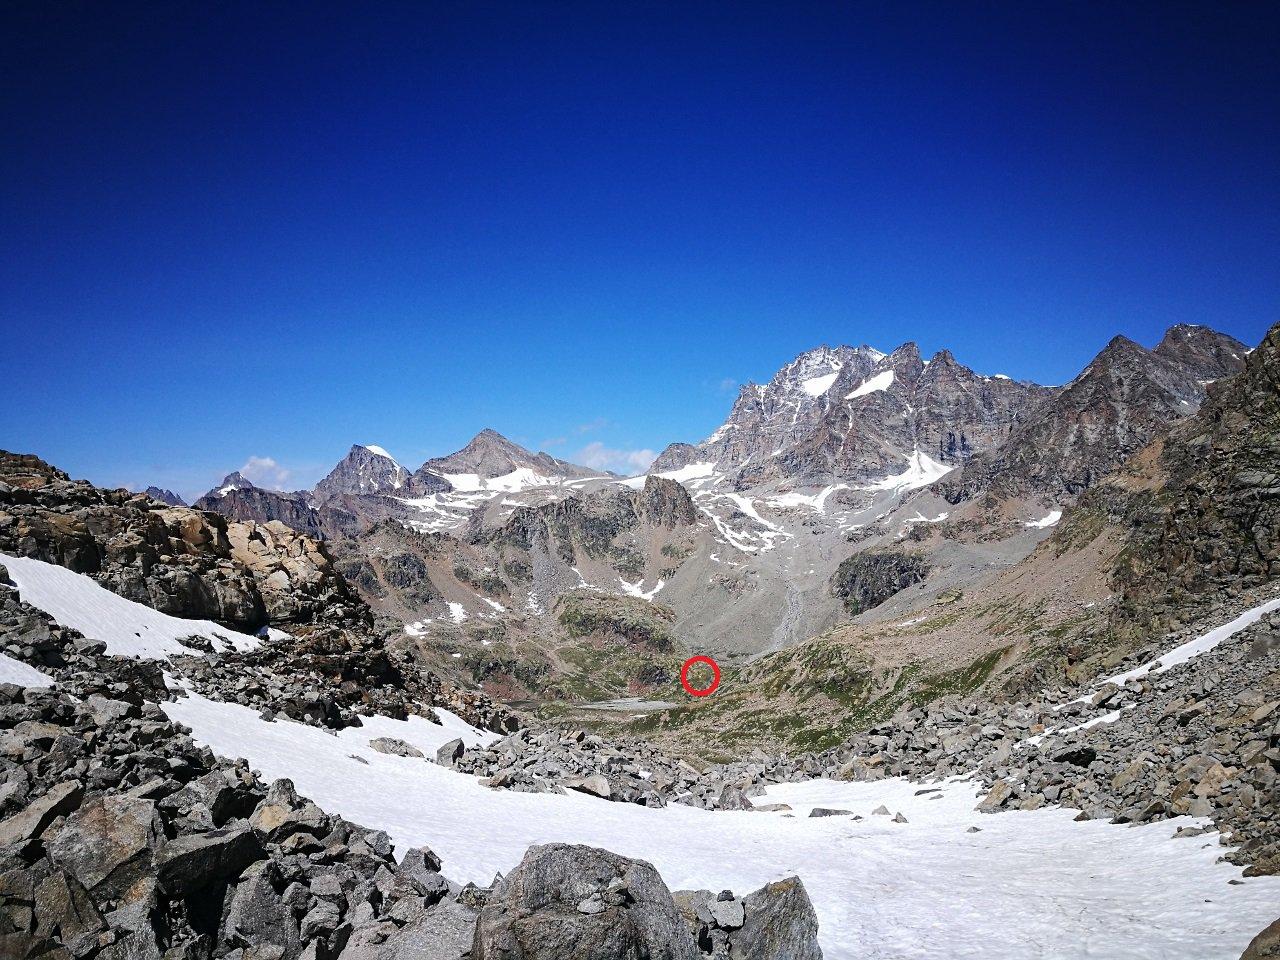 05 - dal Colle dei Becchi al Bivacco Ivrea il percorso è più lungo di quello che sembra